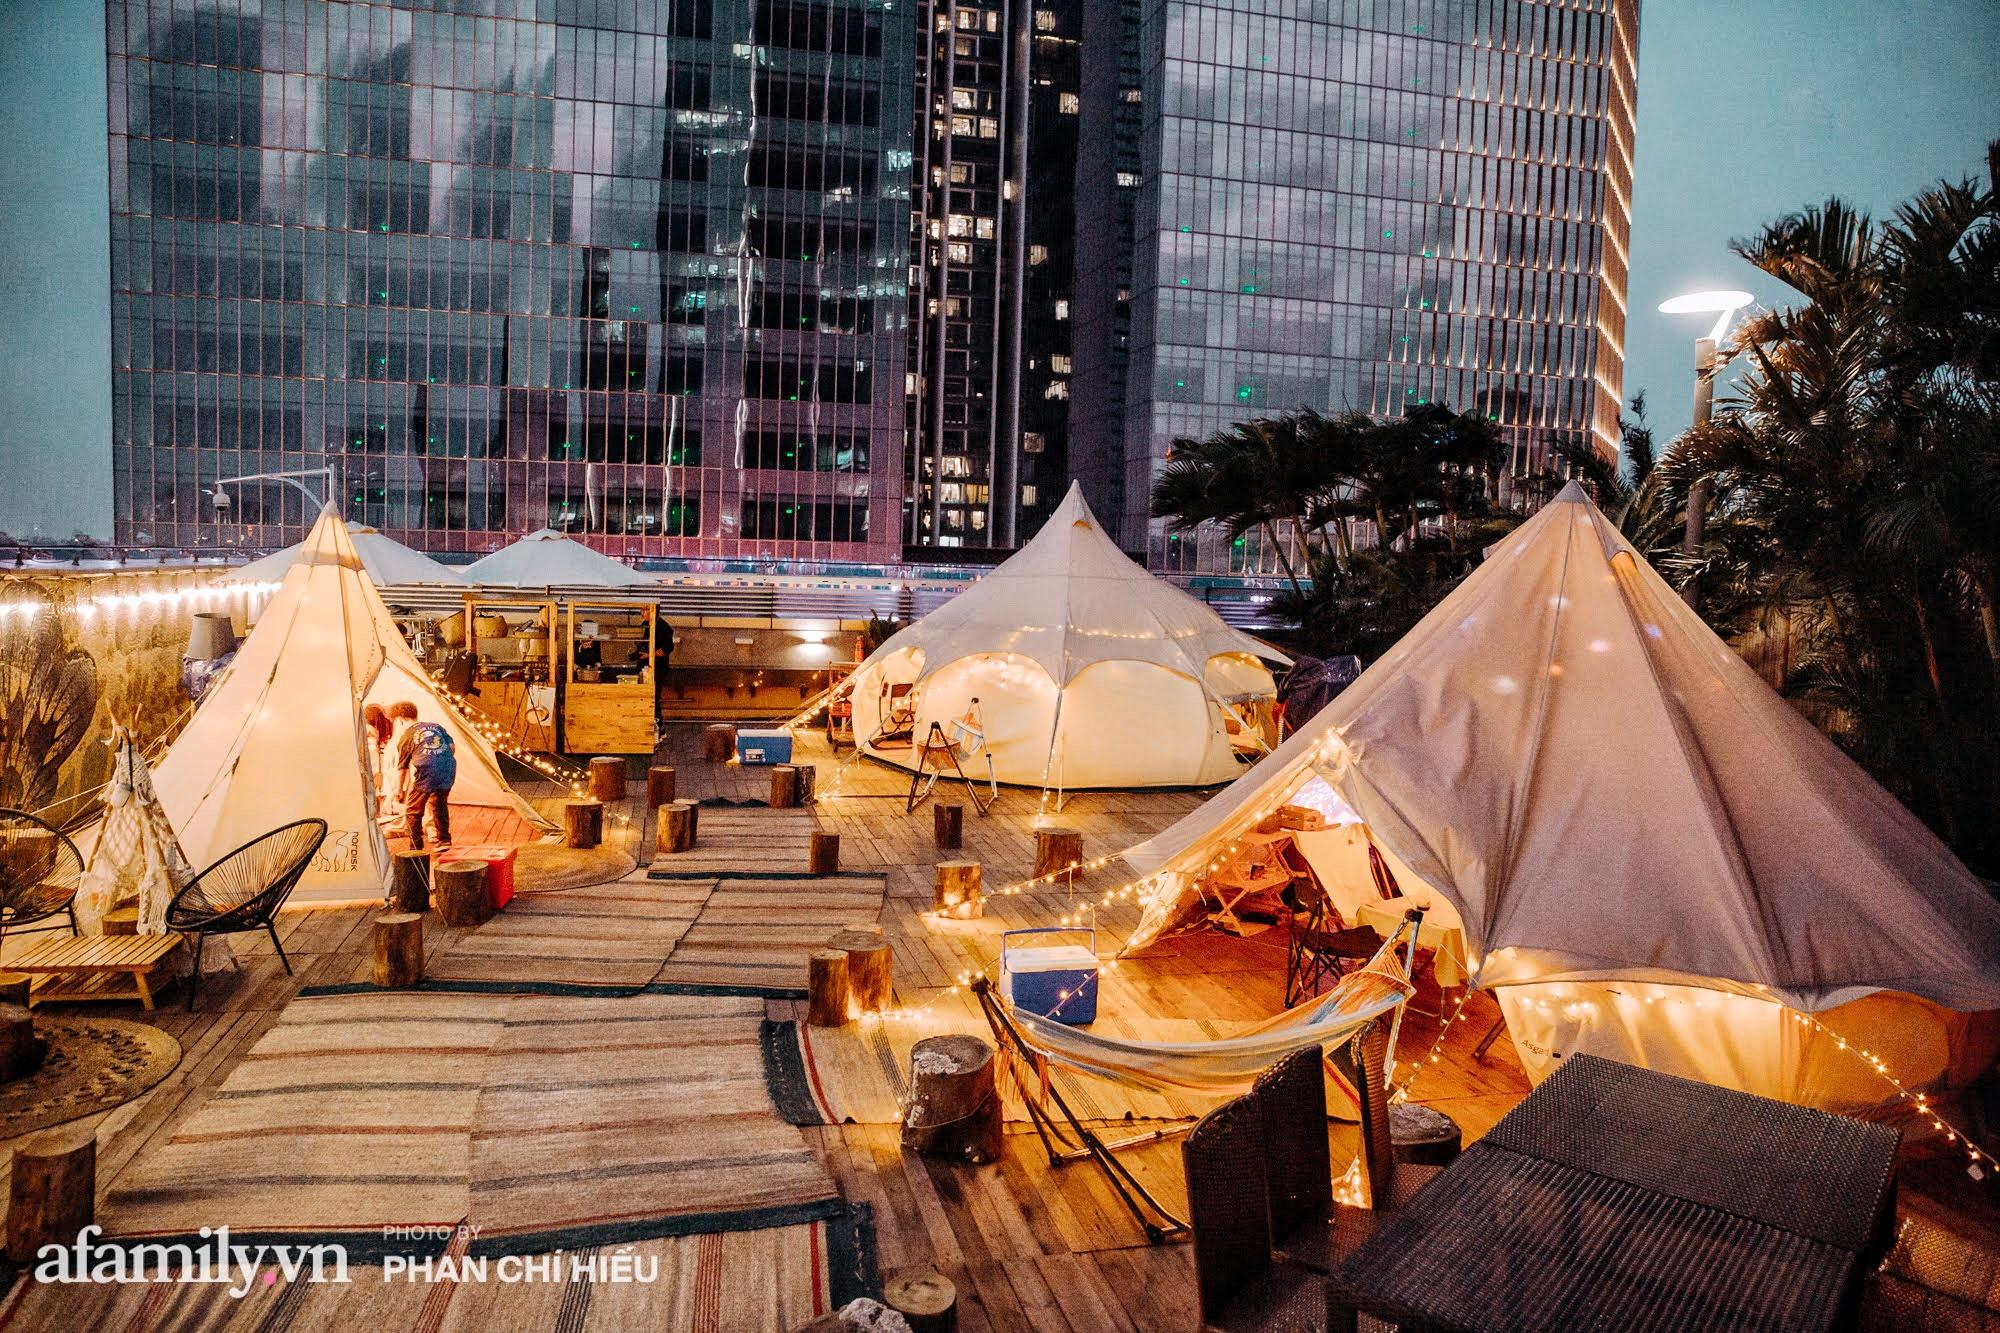 Siêu Hot: Glamping - Cắm trại xa xỉ trên nóc tòa nhà cao nhất Hà Nội, một khung cảnh